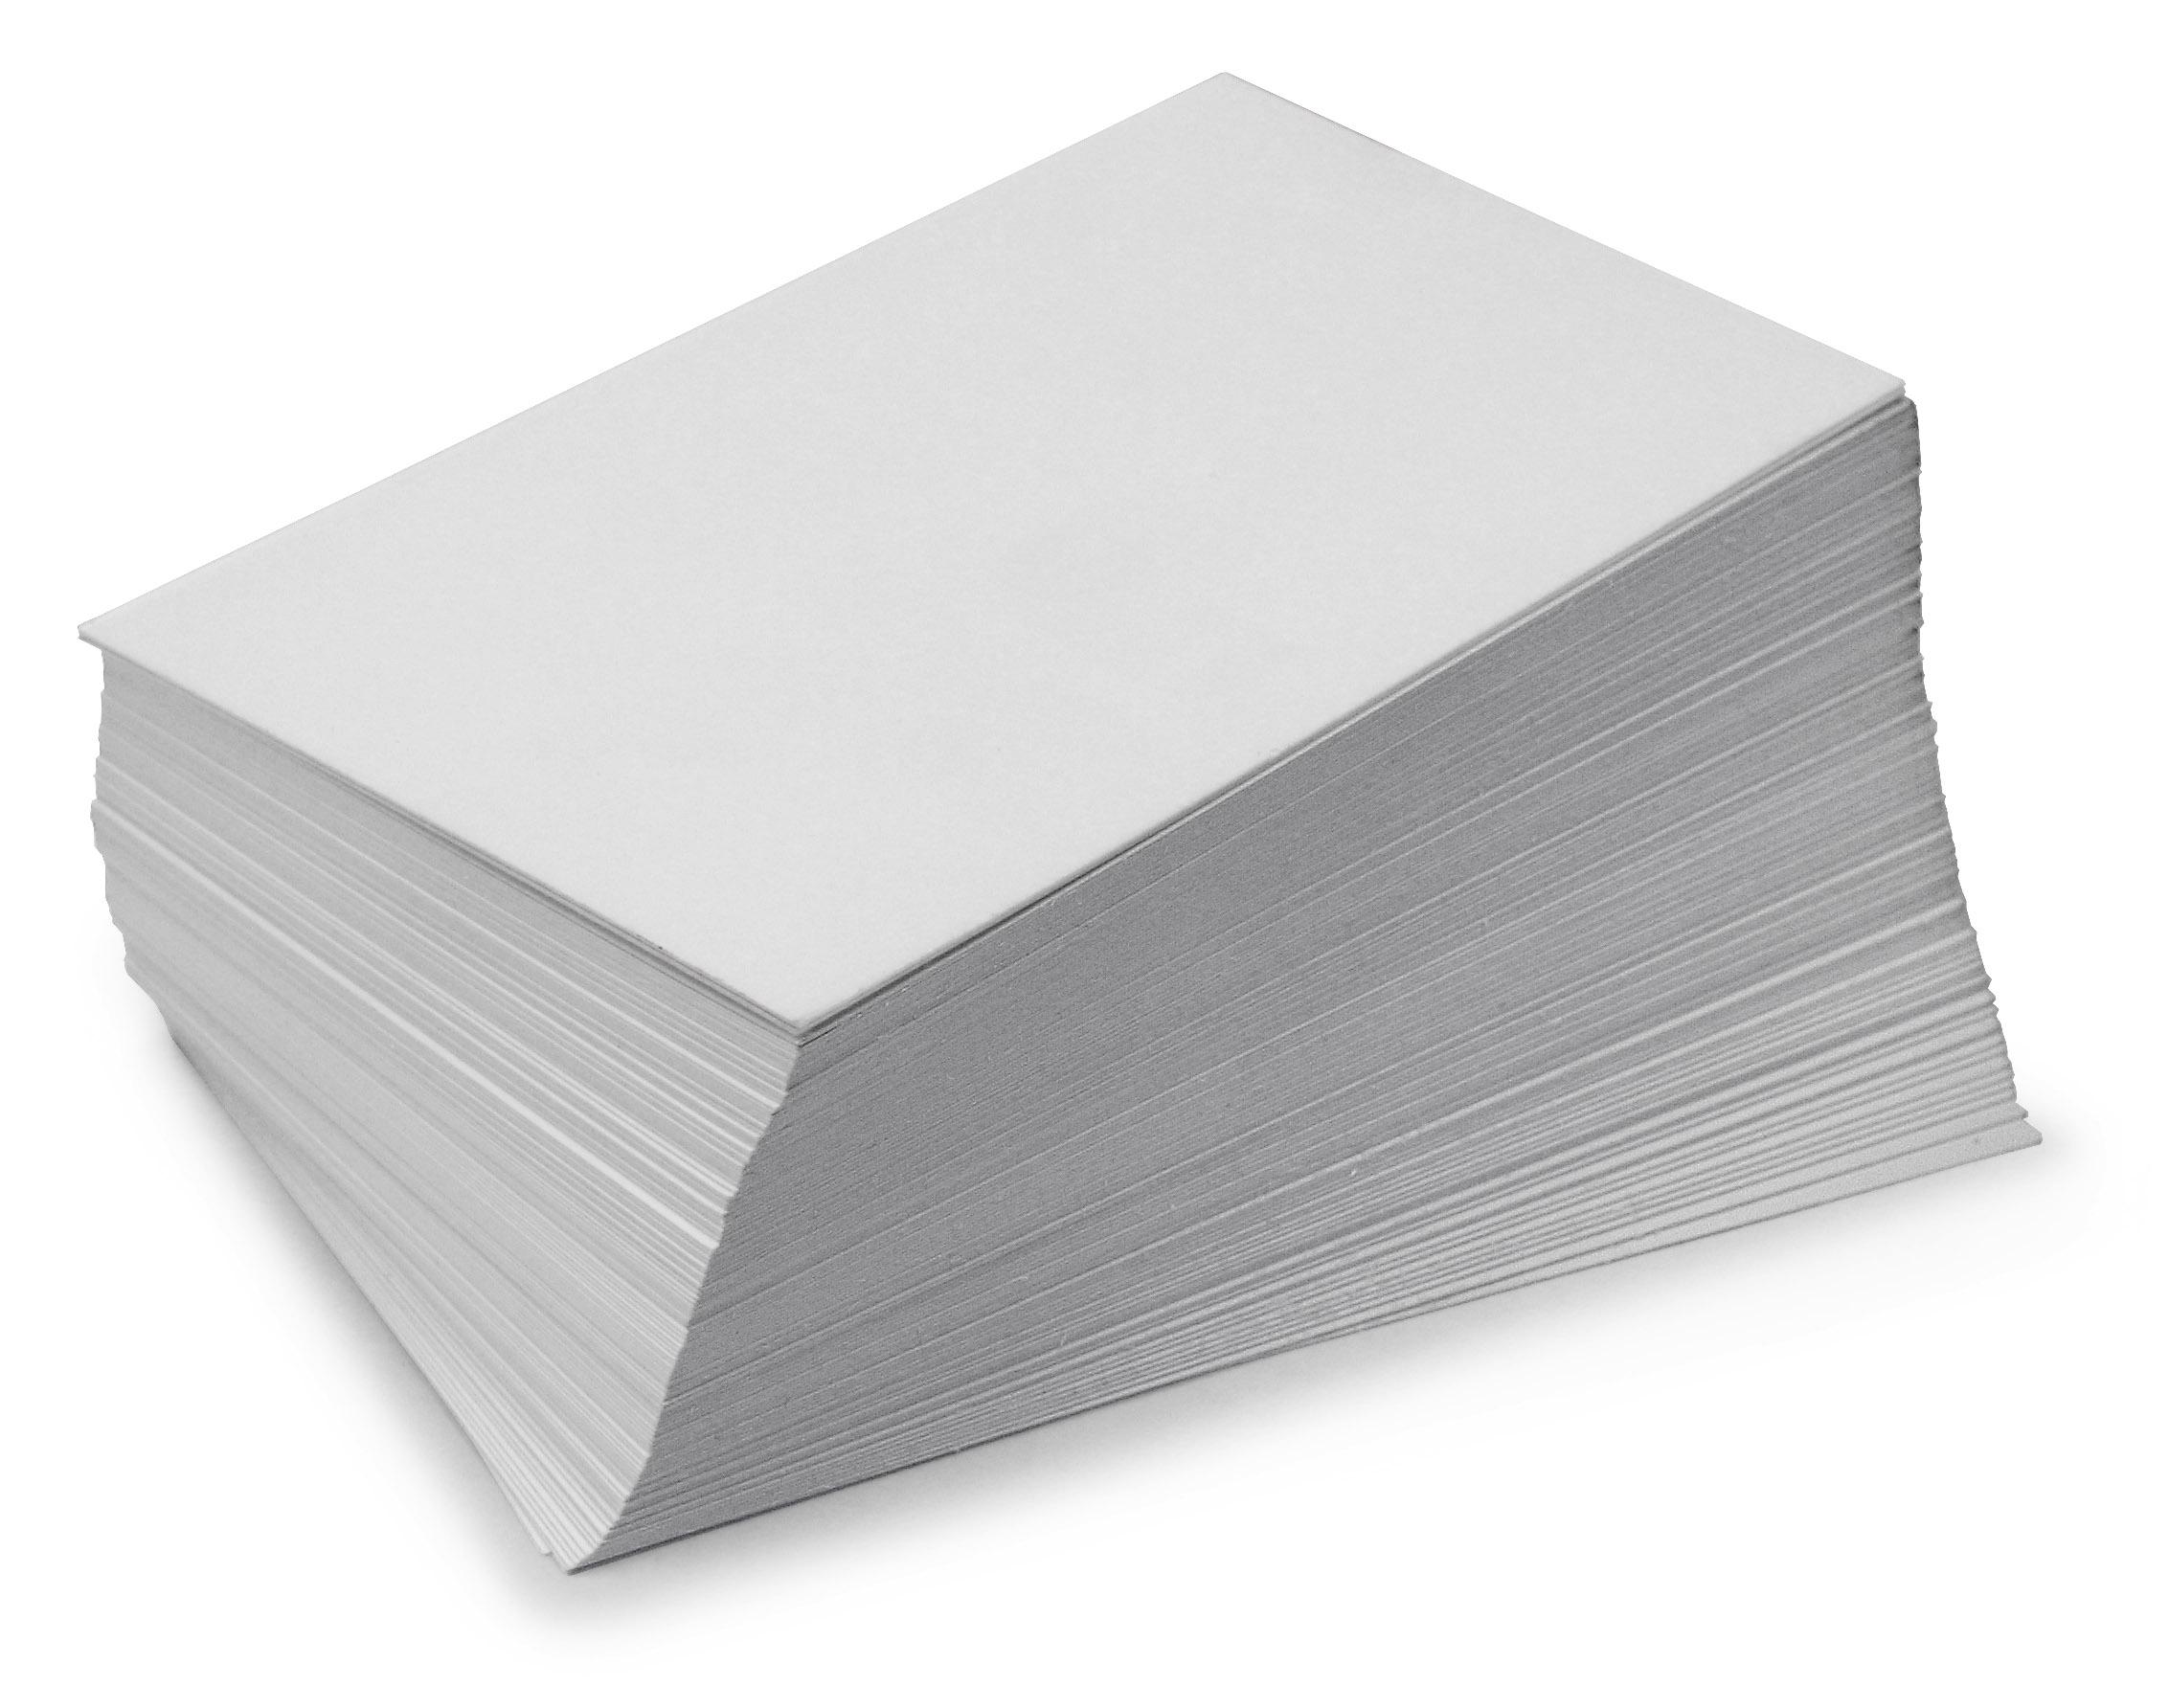 Le papier toujours indispensable